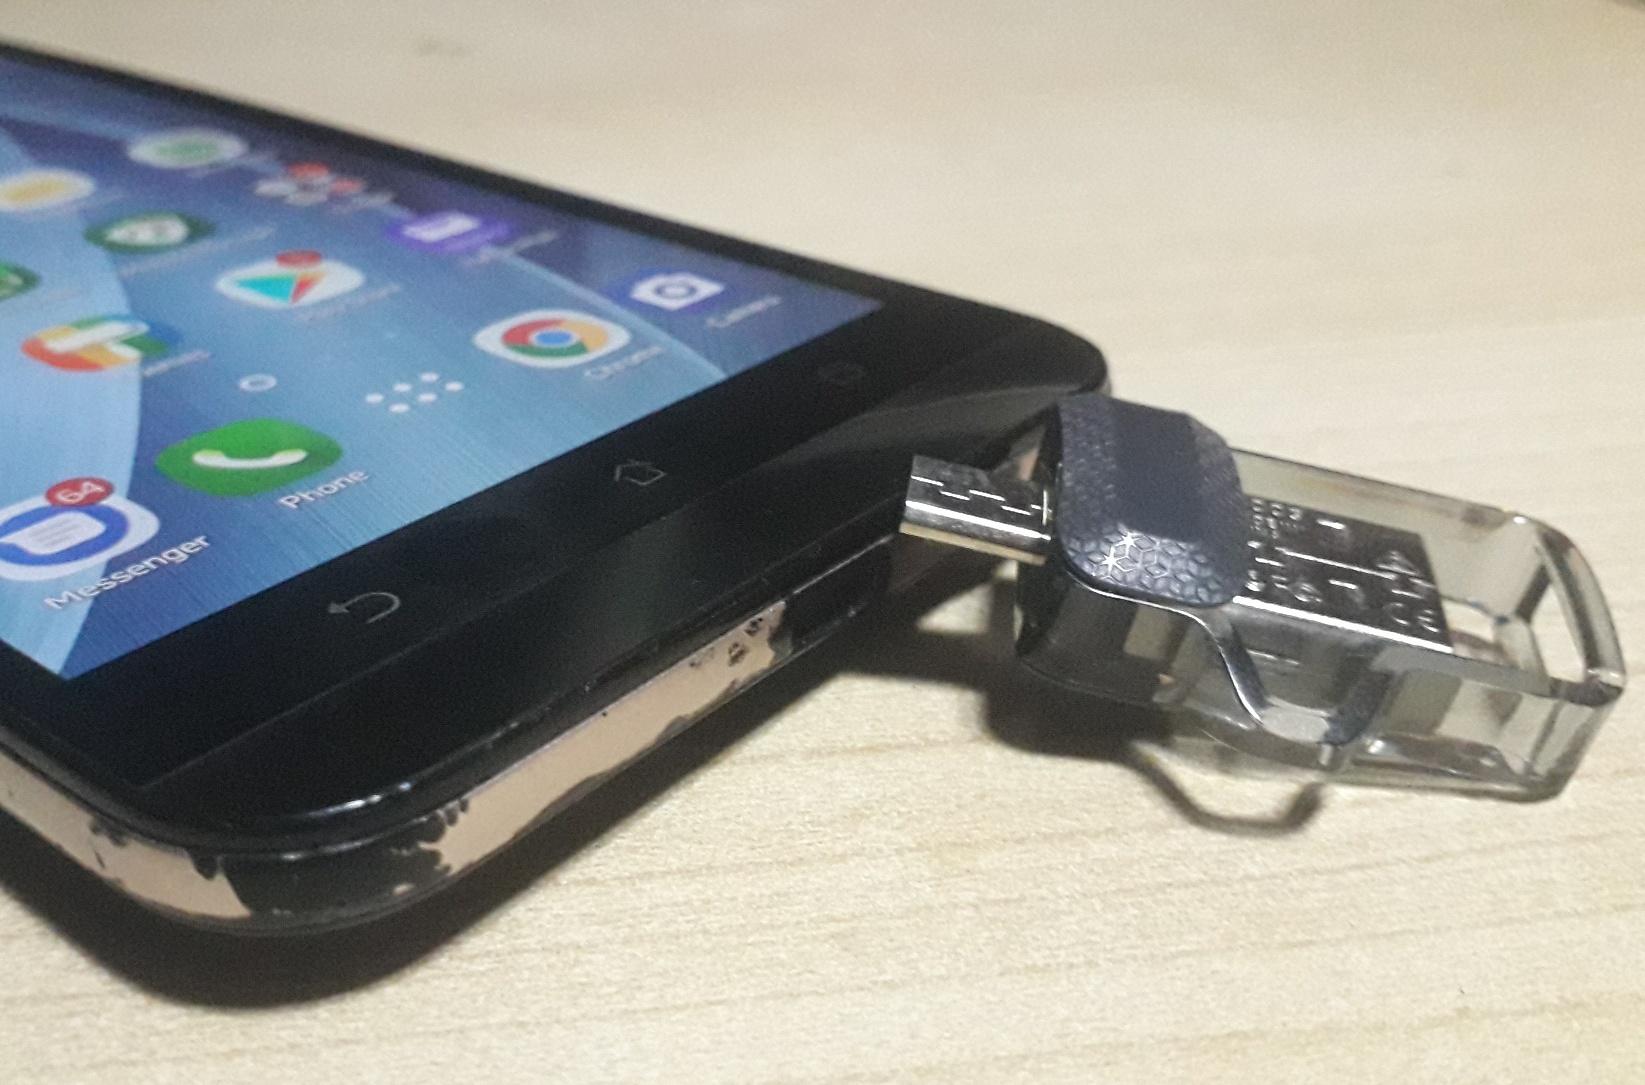 Begini 3 tips agar data di smartphone kamu aman dan gak hilang